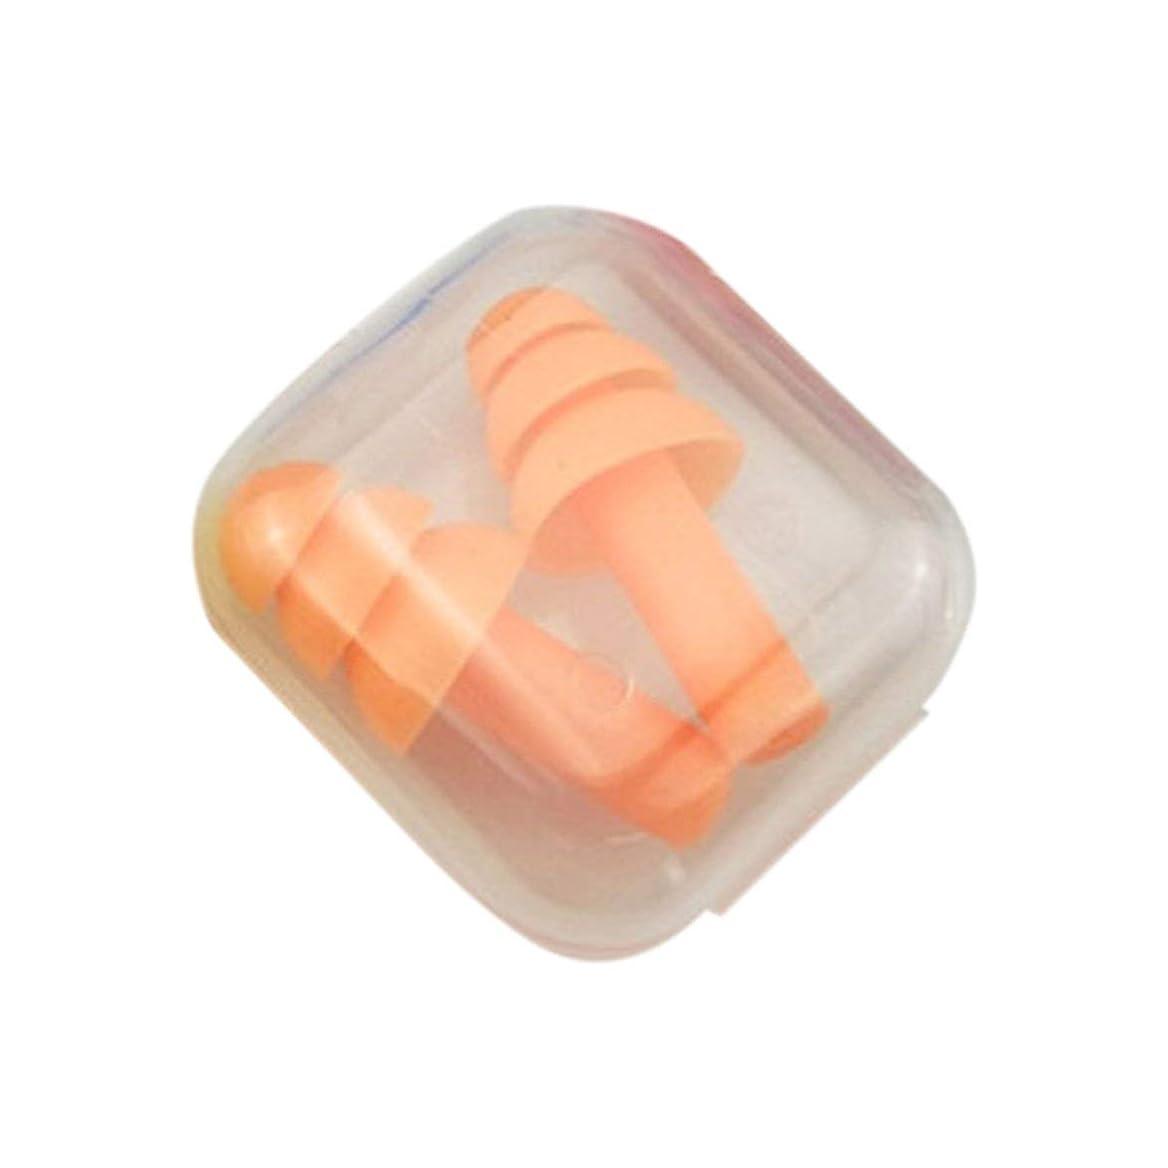 恨み聴衆ハードリング柔らかいシリコーンの耳栓遮音用耳の保護用の耳栓防音睡眠ボックス付き収納ボックス - オレンジ